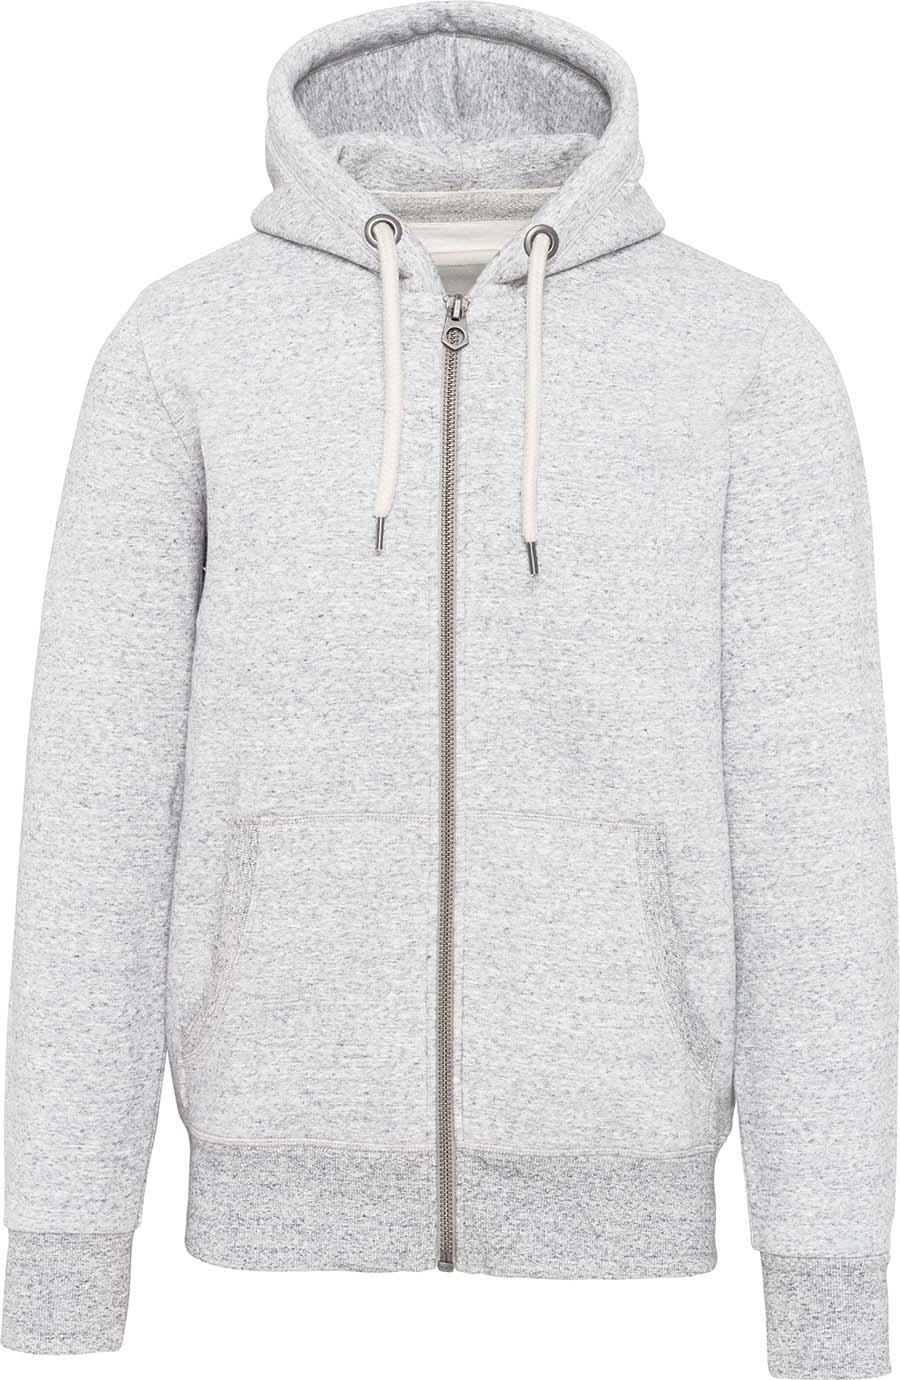 Sweat-shirt vintage zippé à capuche homme - 2-1530-3